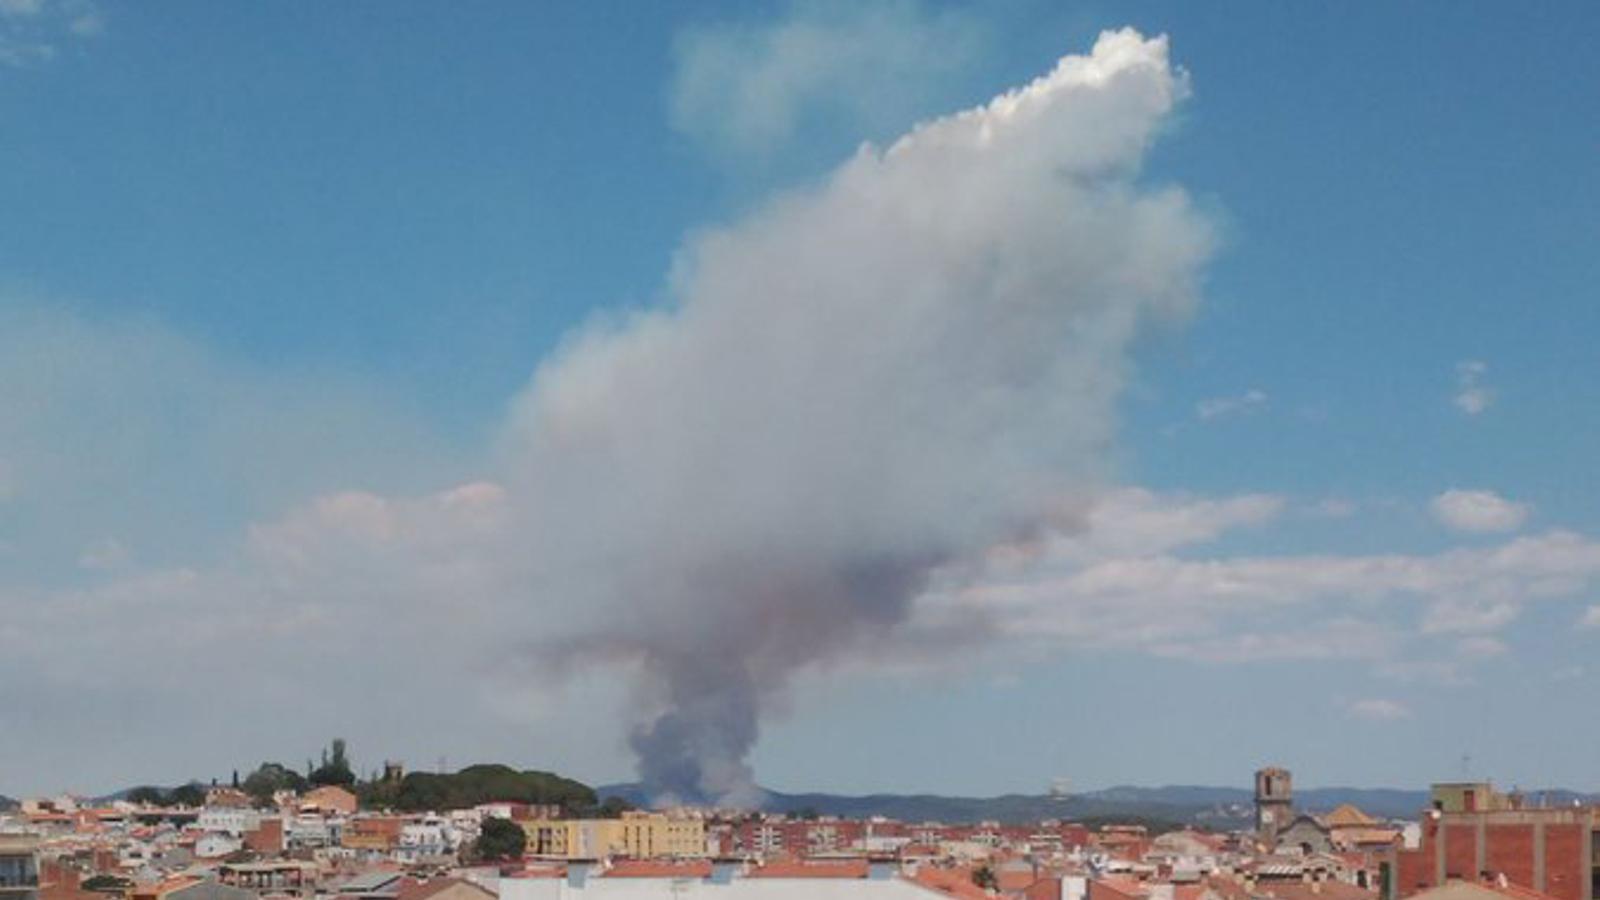 Pirocúmul gestat a causa de l'incendi forestal de Blanes vist des de Malgrat de Mar, diumenge